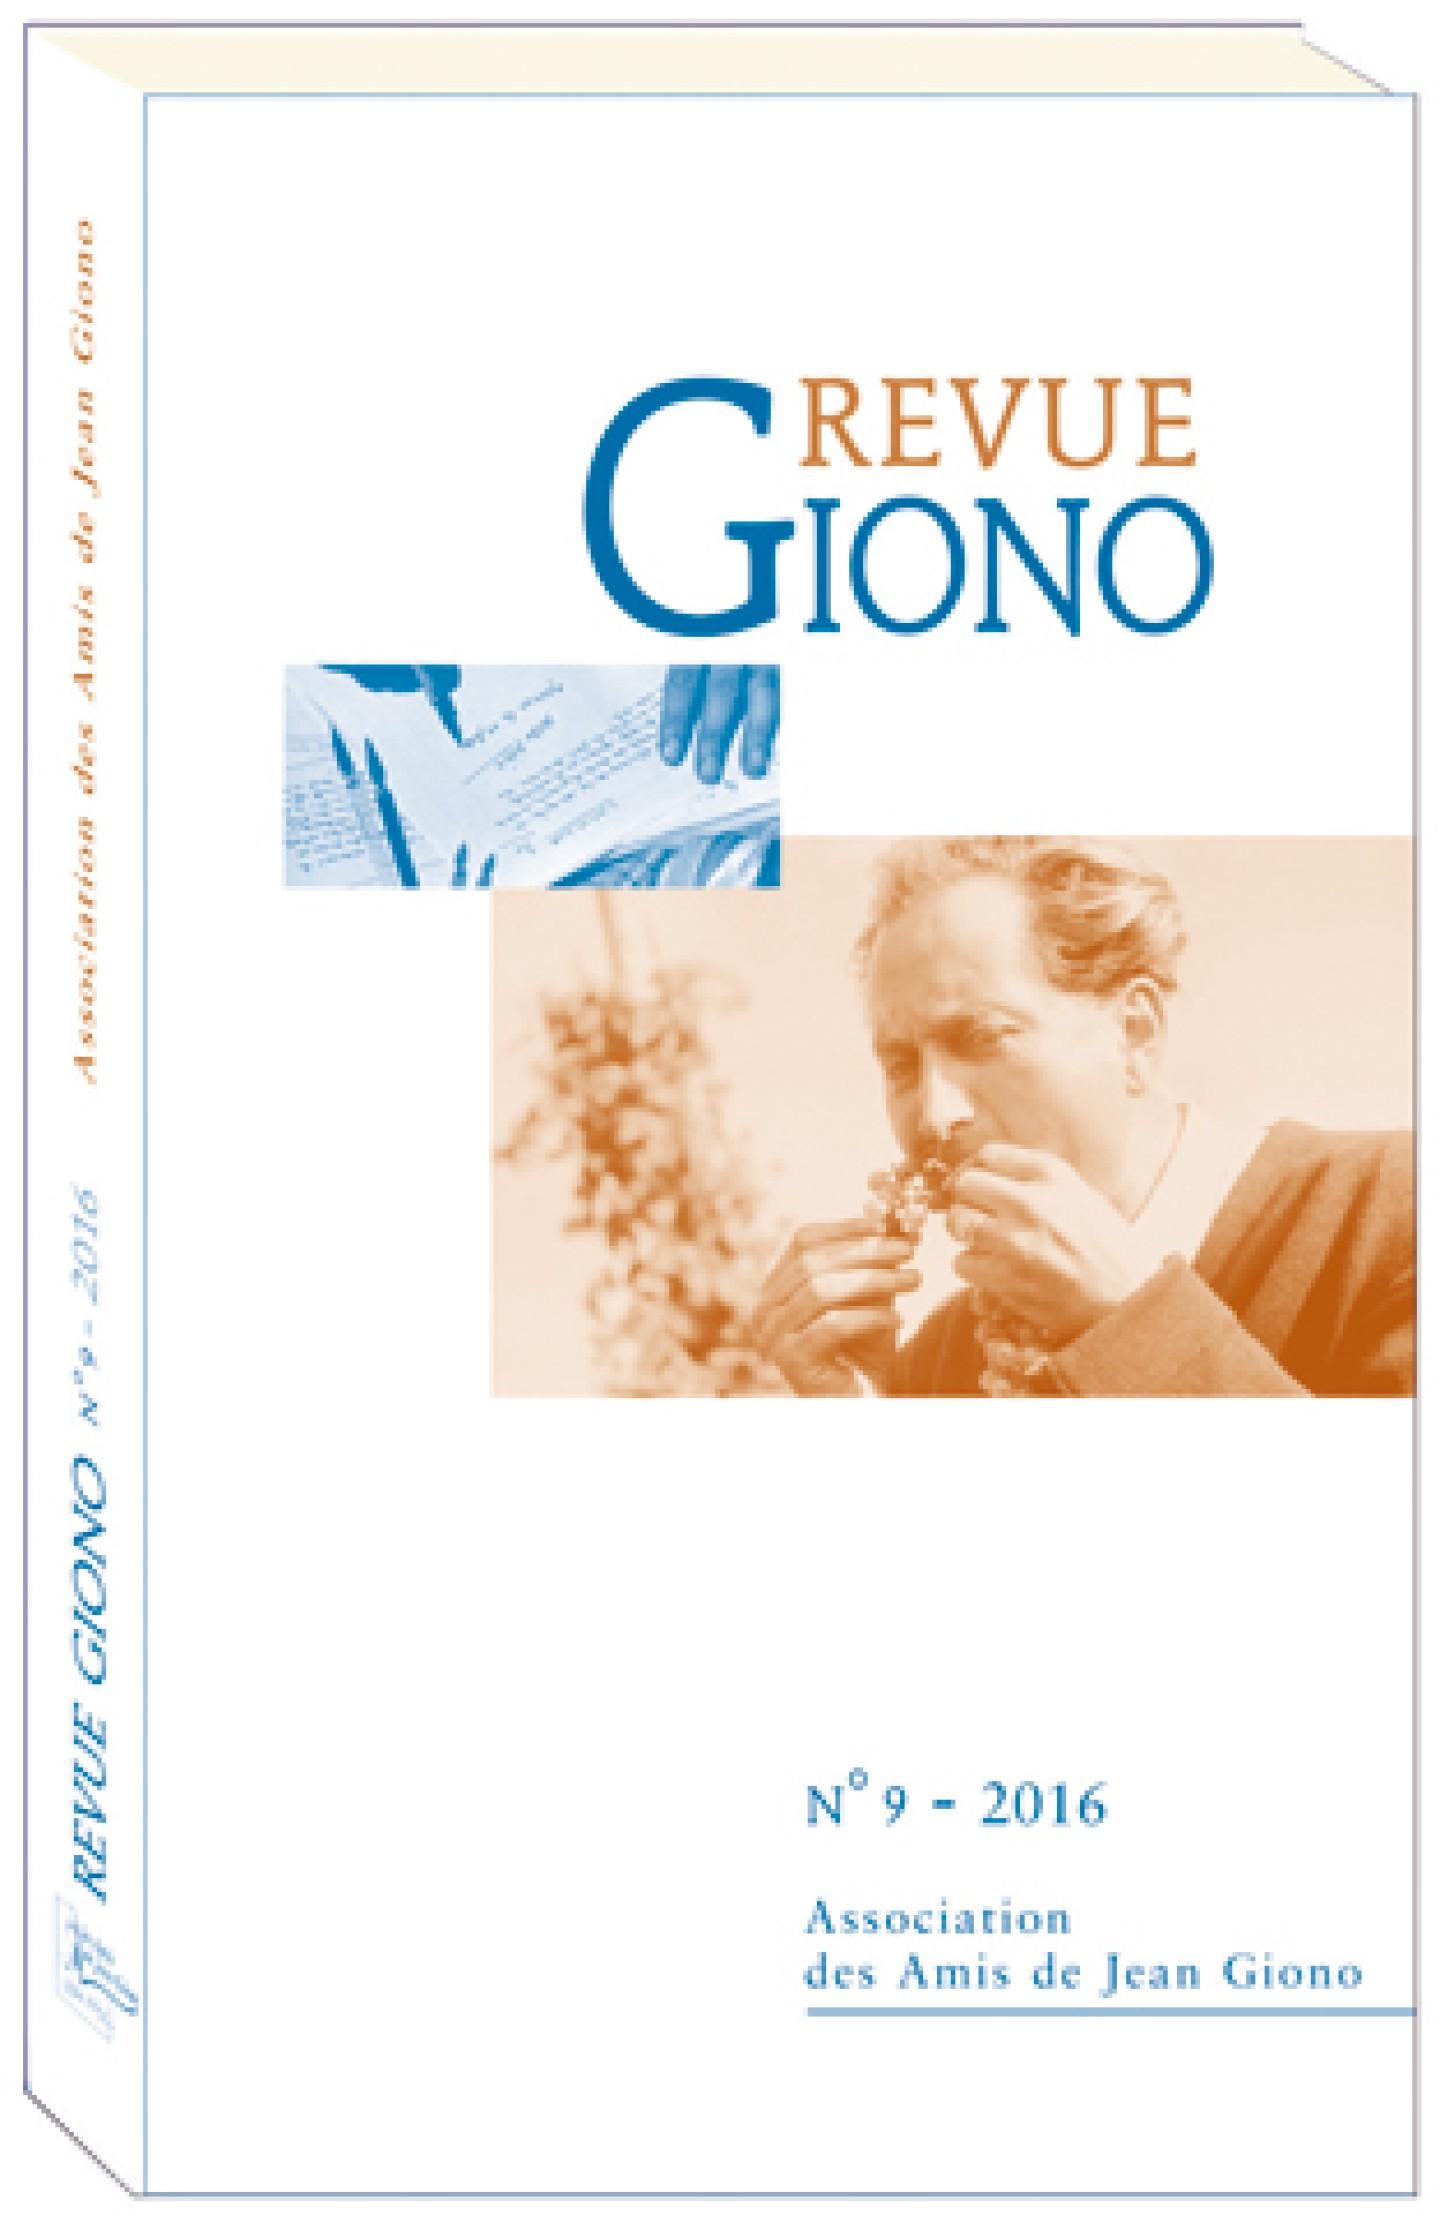 Revue Giono n°9 - 2016